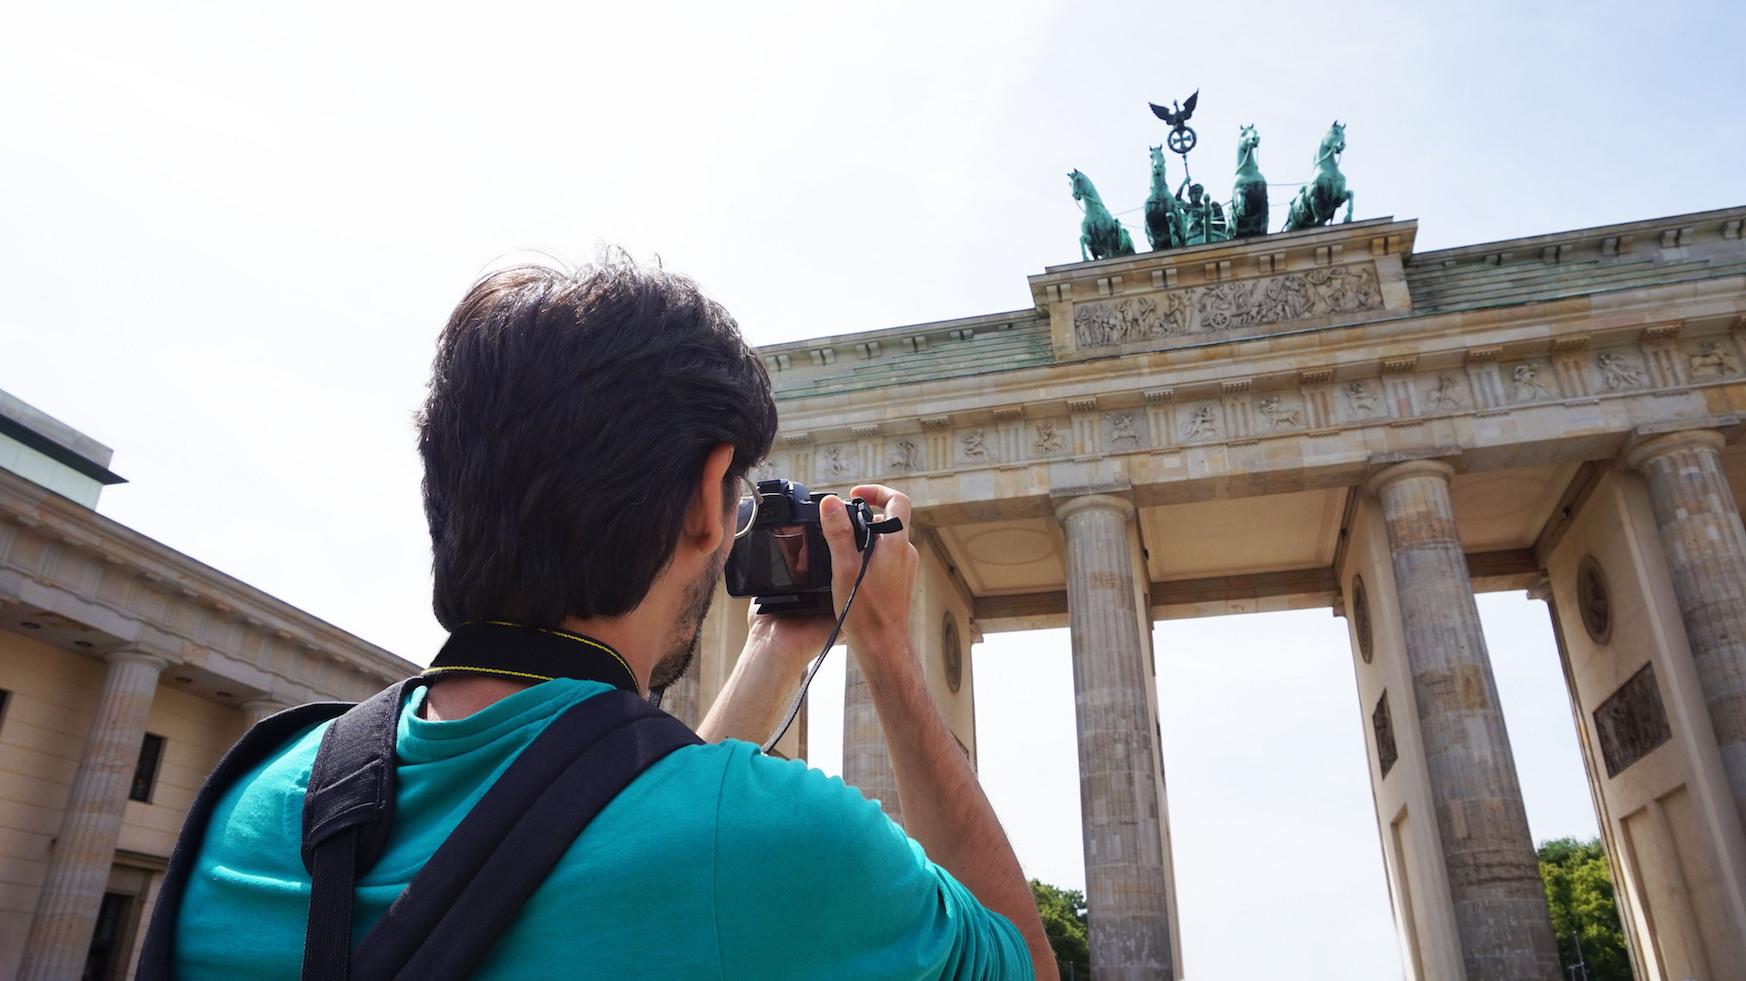 mand tager tager billede foran Brandenburger Tor i Berlin